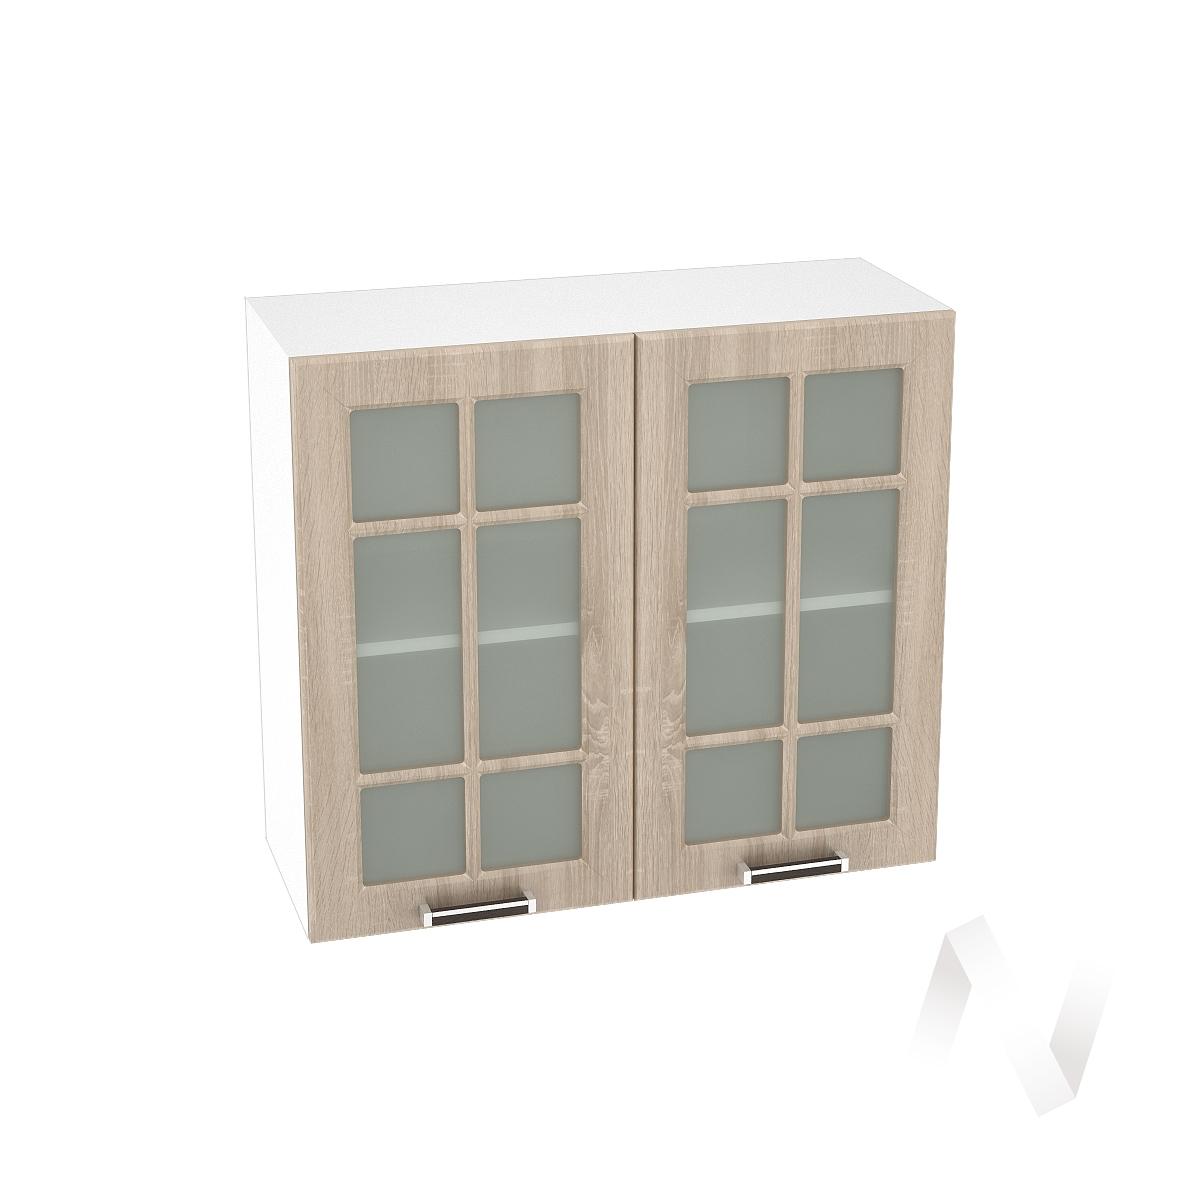 """Кухня """"Прага"""": Шкаф верхний со стеклом 800, ШВС 800 новый (дуб сонома/корпус белый)"""